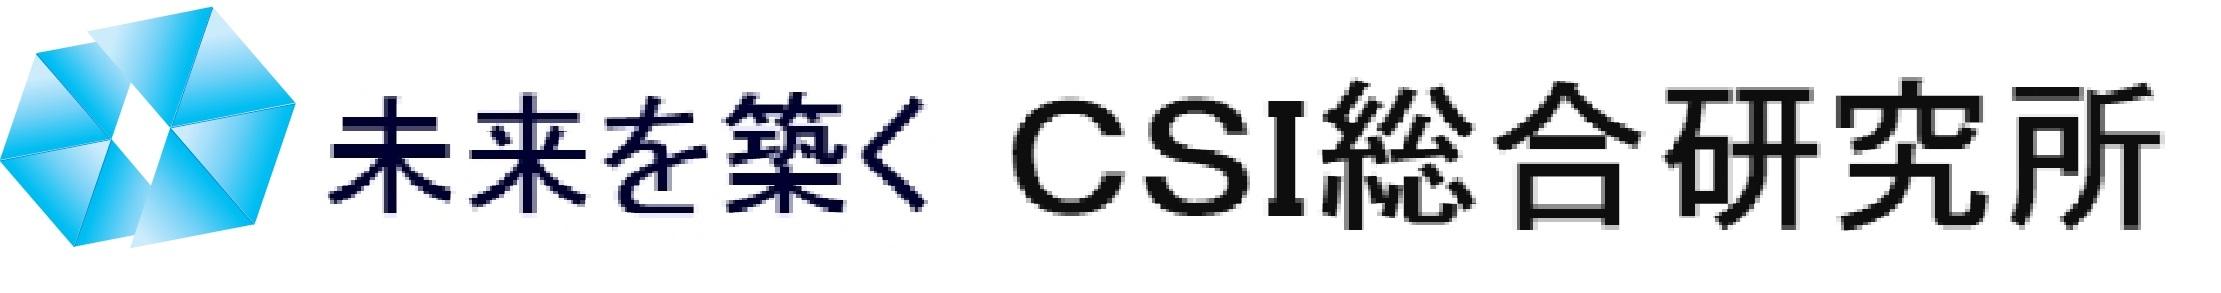 住宅FP研修 未来を築く CSI総合研究所